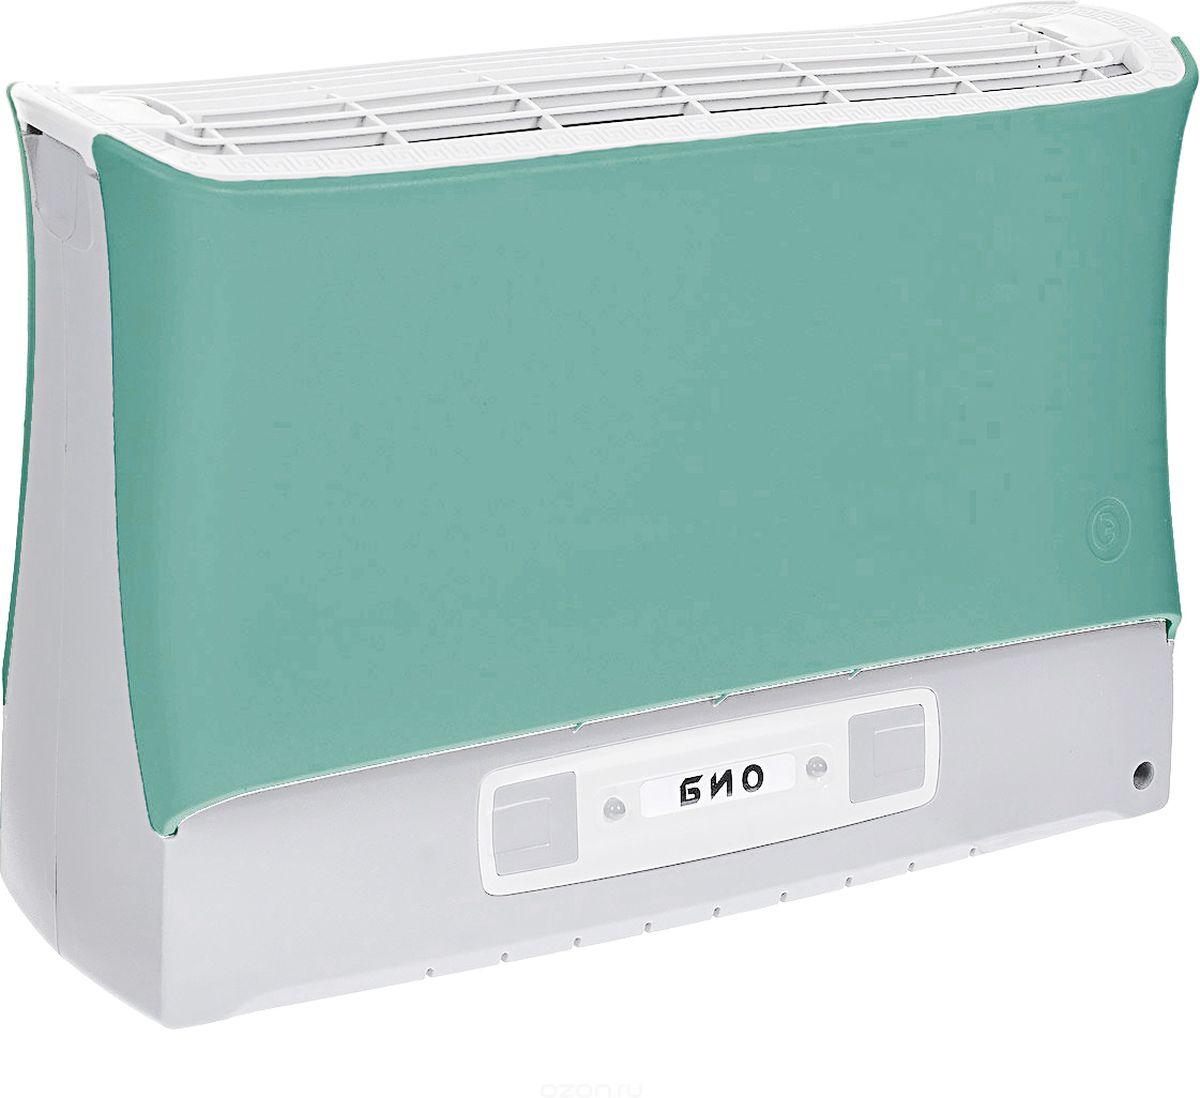 Супер Плюс Био очиститель воздуха, цвет зеленый